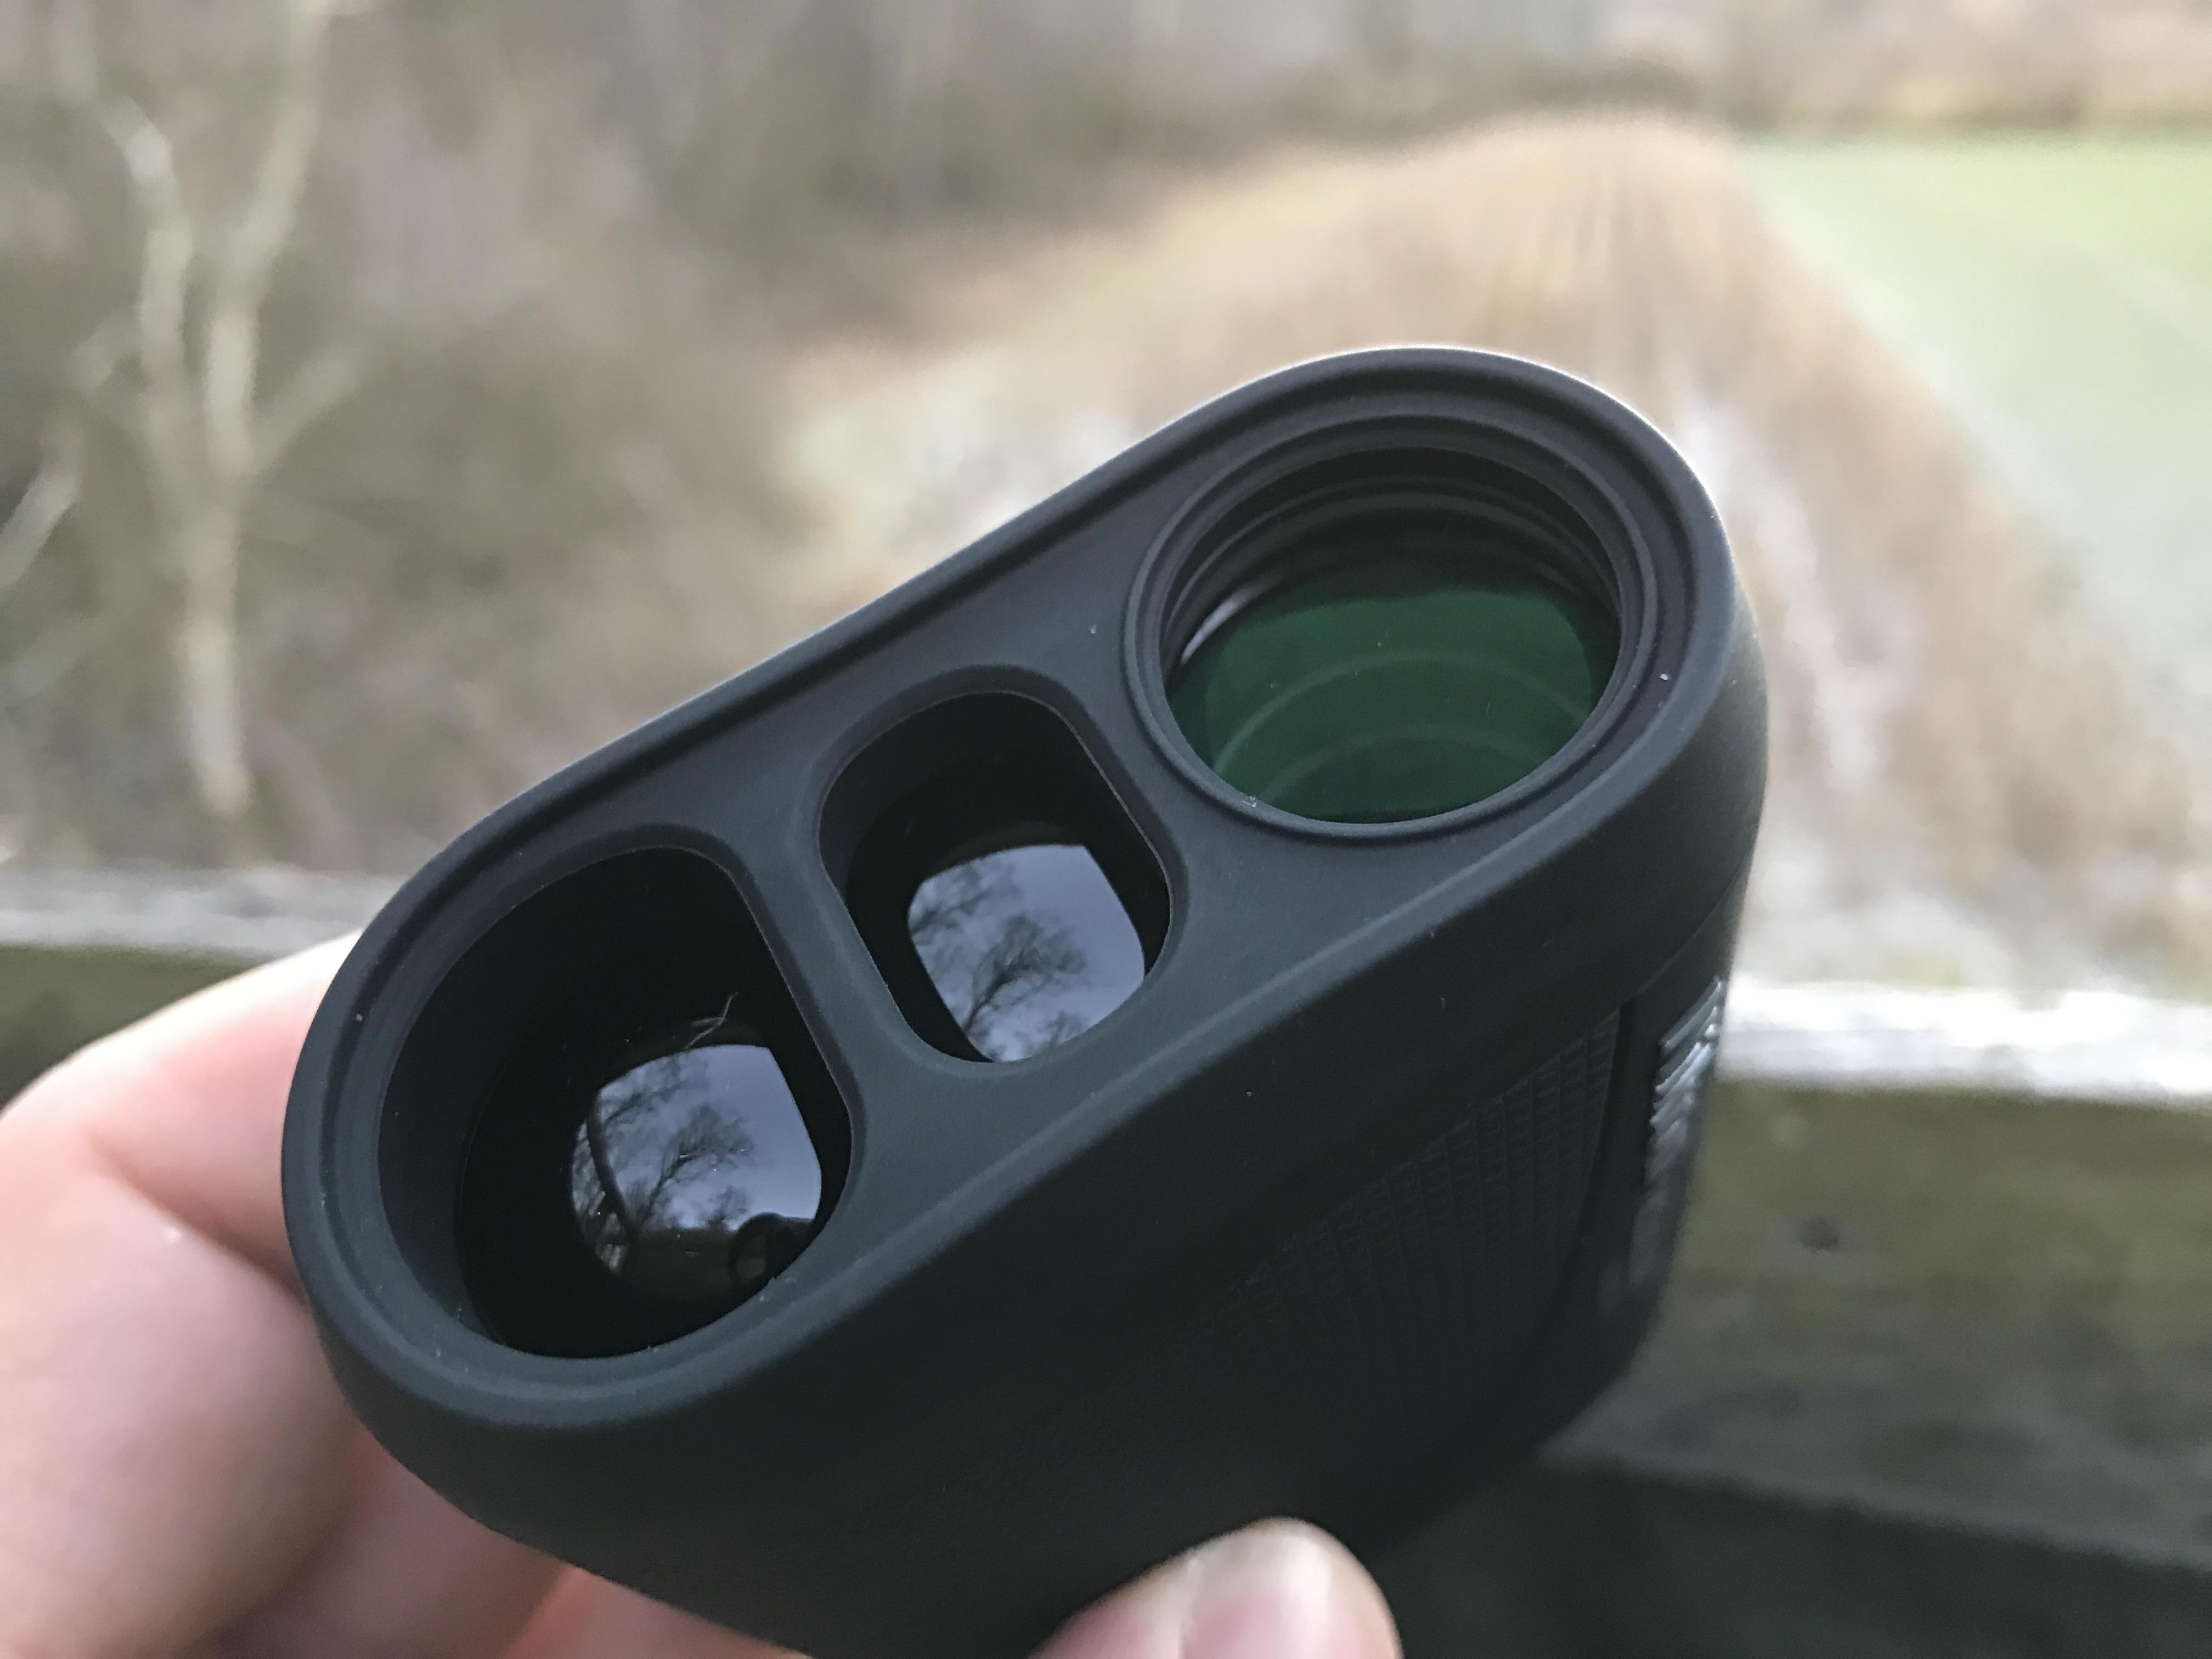 Entfernungsmesser Jagd Akah : Entfernungsmesser jagd golf entfernung laser